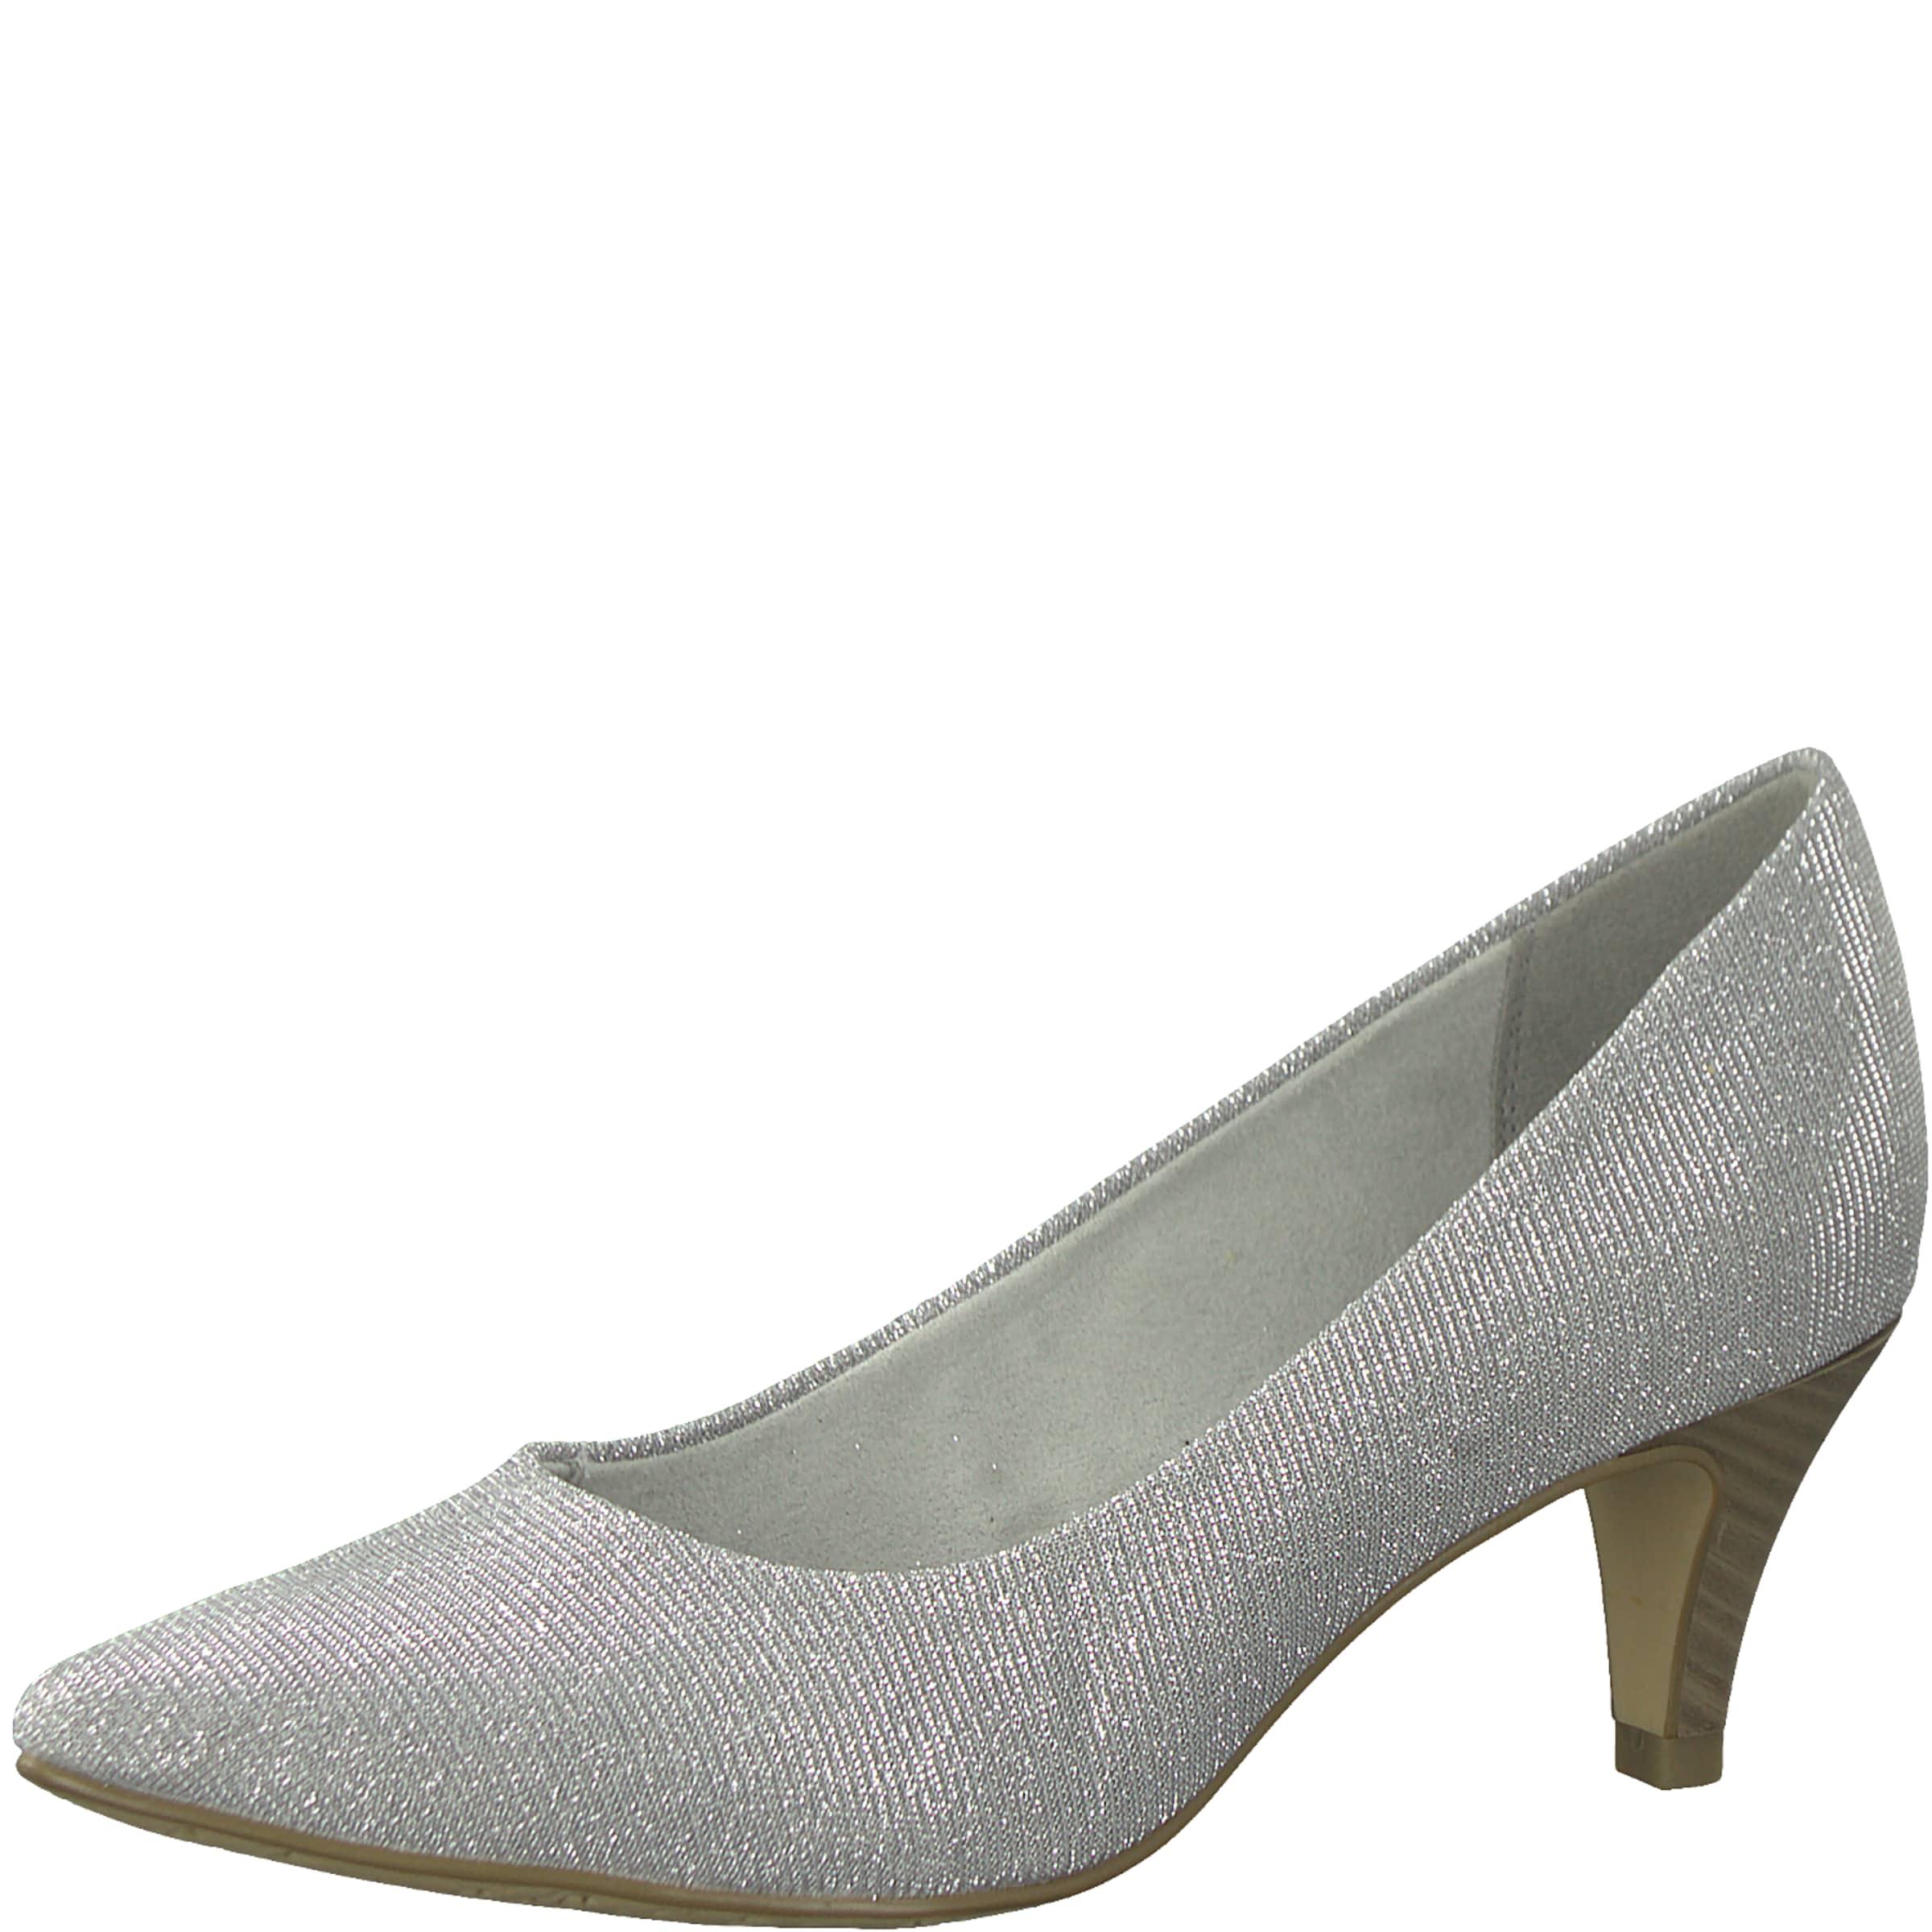 Haltbare Mode billige Schuhe TAMARIS | Pumps Schuhe Gut getragene Schuhe